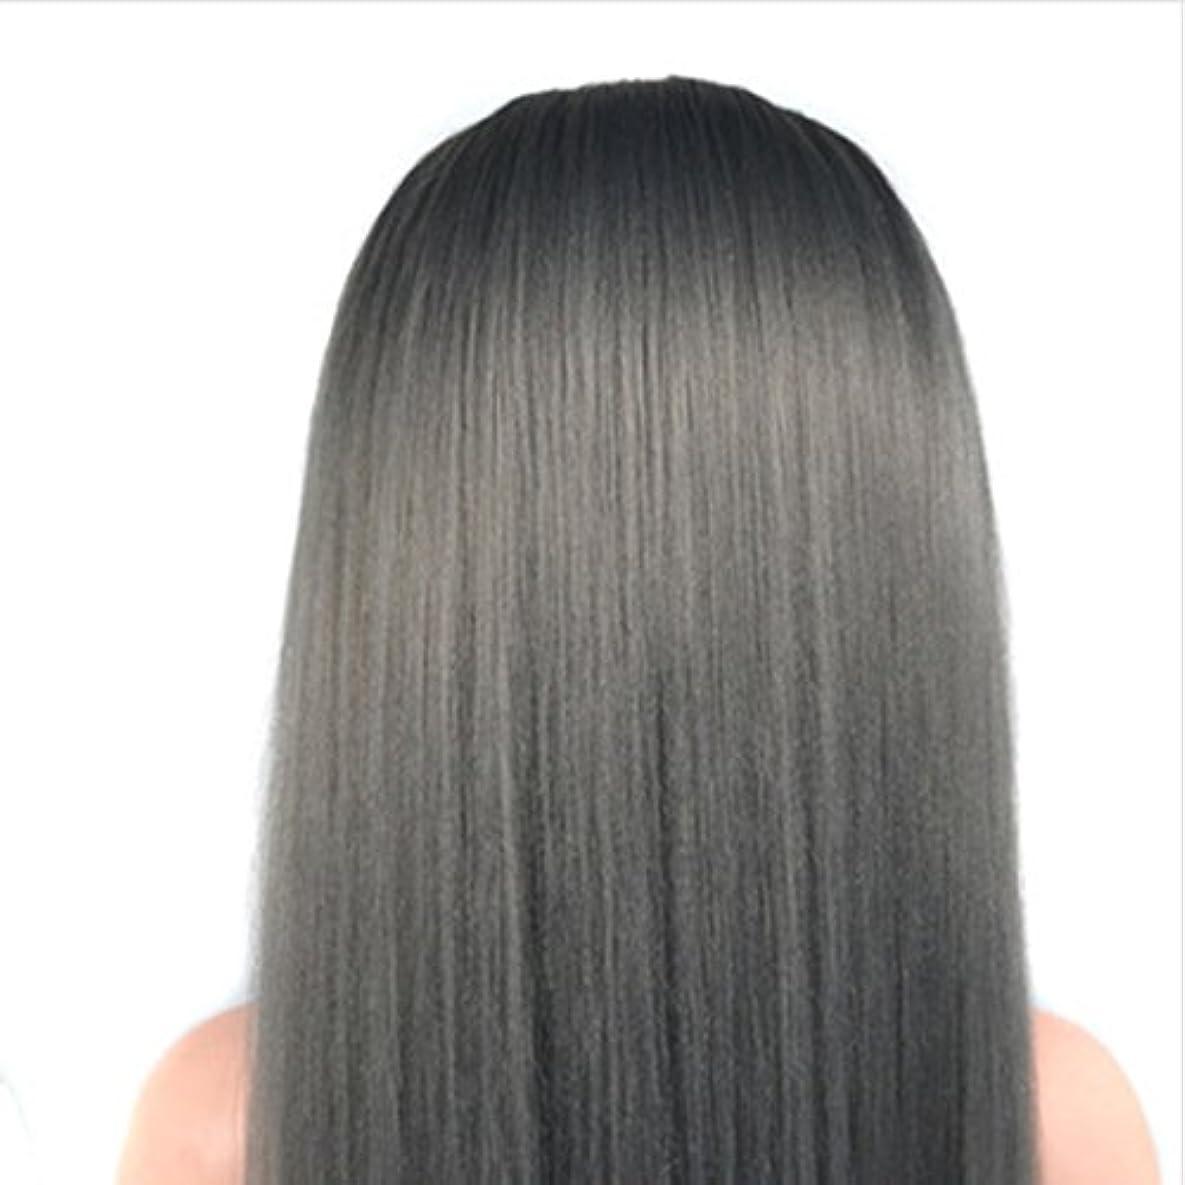 炎上家具ロープ人間の毛髪が付いている60 cmのかつらの頭部の化粧品のマネキンのマネキンの訓練の頭部 モデリングツール (色 : Grandma gray)